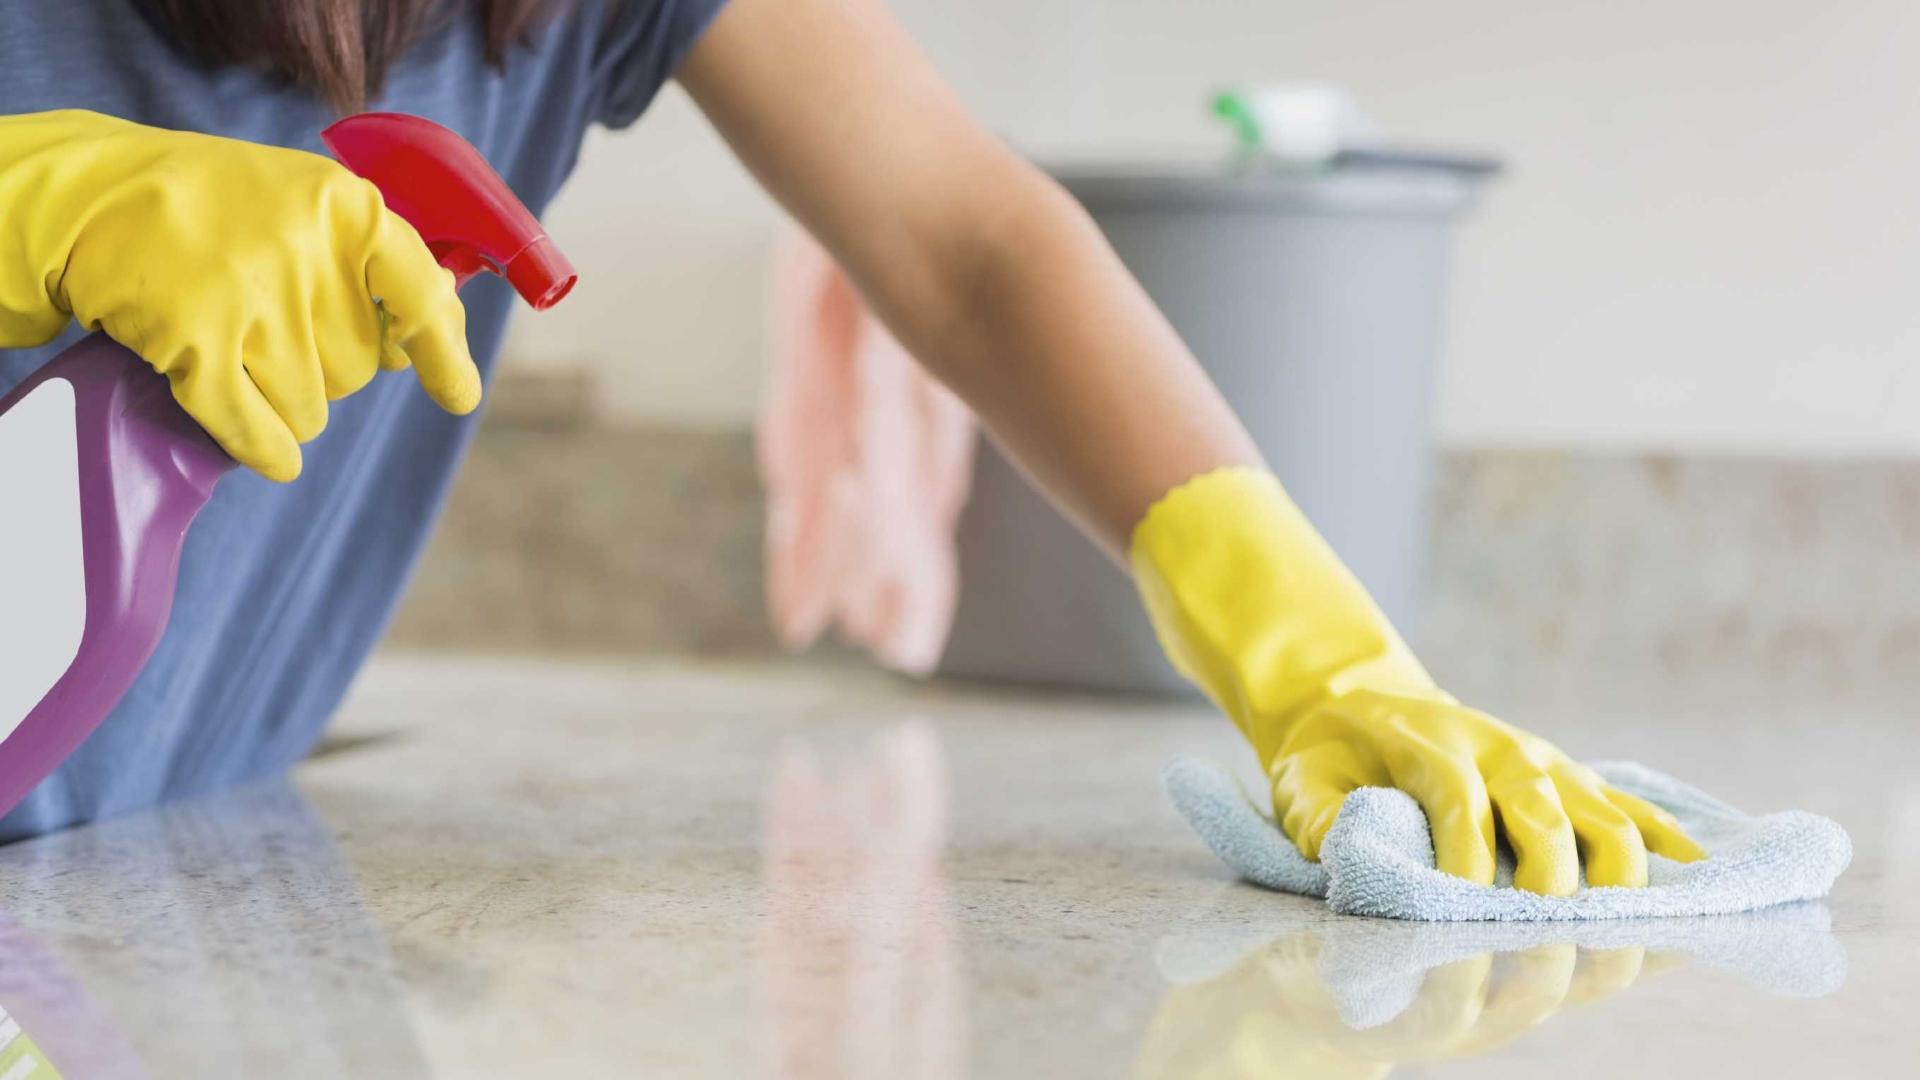 Тщательная уборка в доме убивает бактерий и освобождает место для грибков